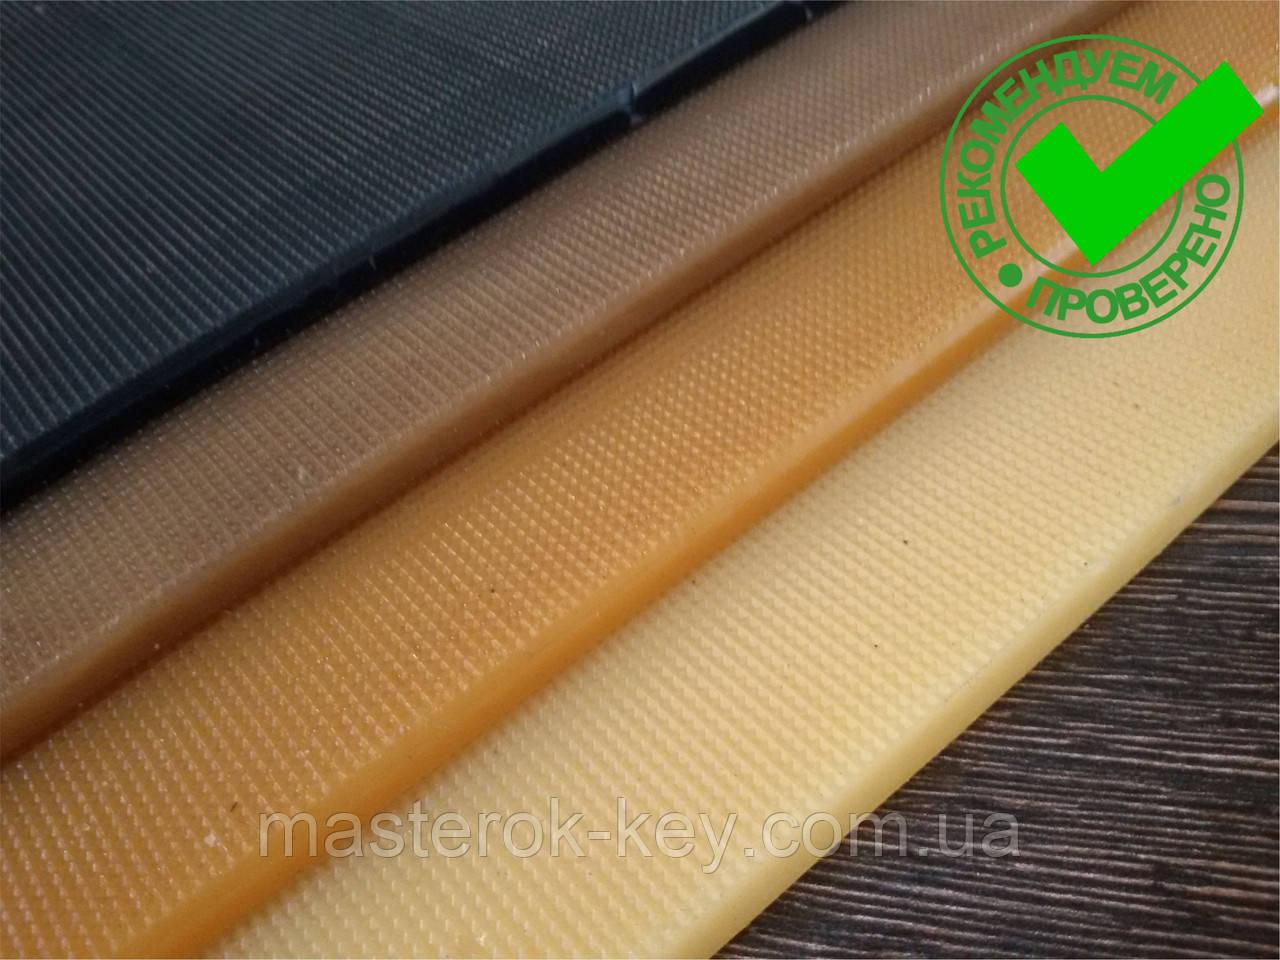 Полиуретан обувной ШОСТКА EXTRA LUX рифлёный 290*130*6 мм, цвет коричневый